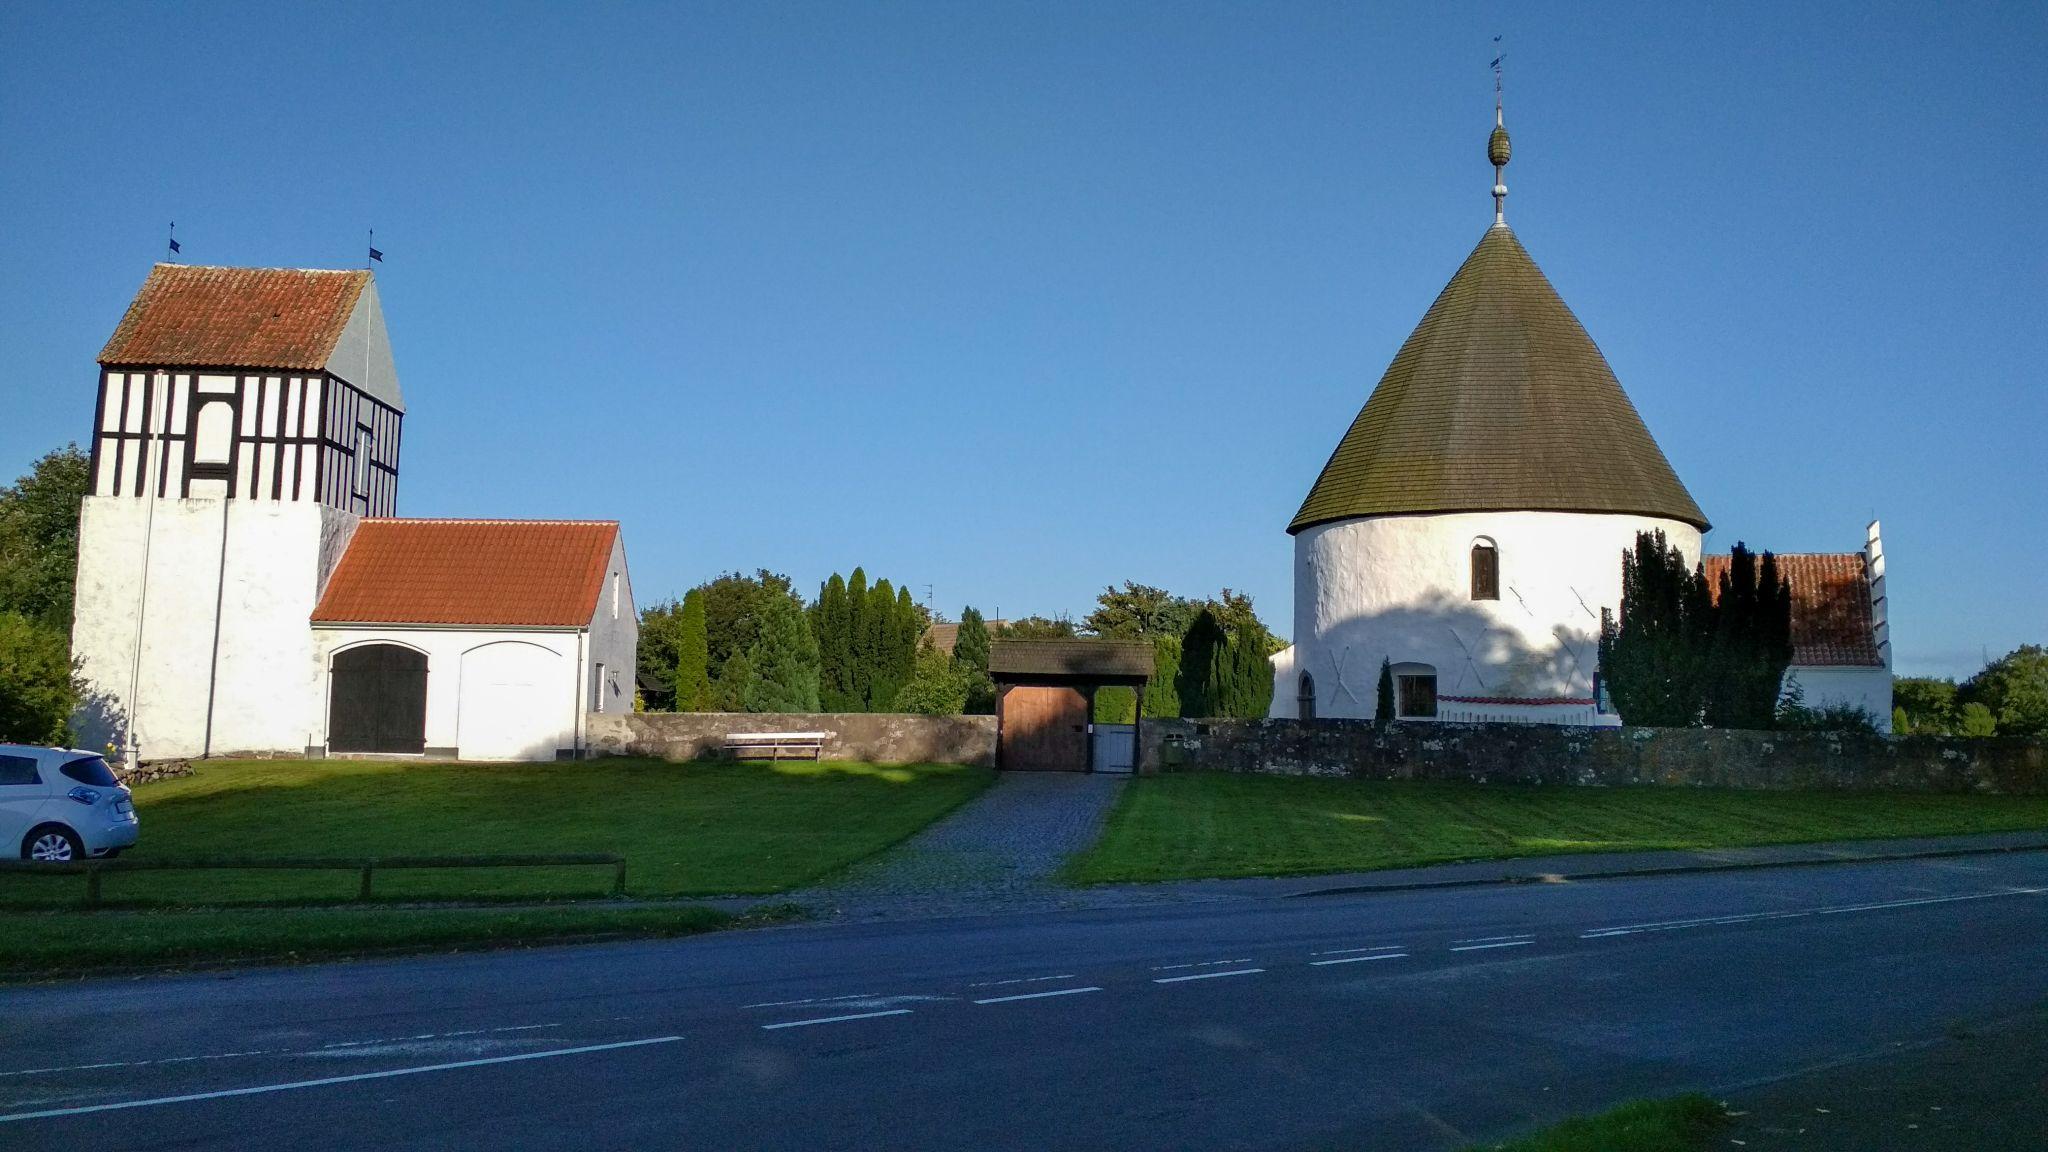 Nkyer Round Church, Denmark